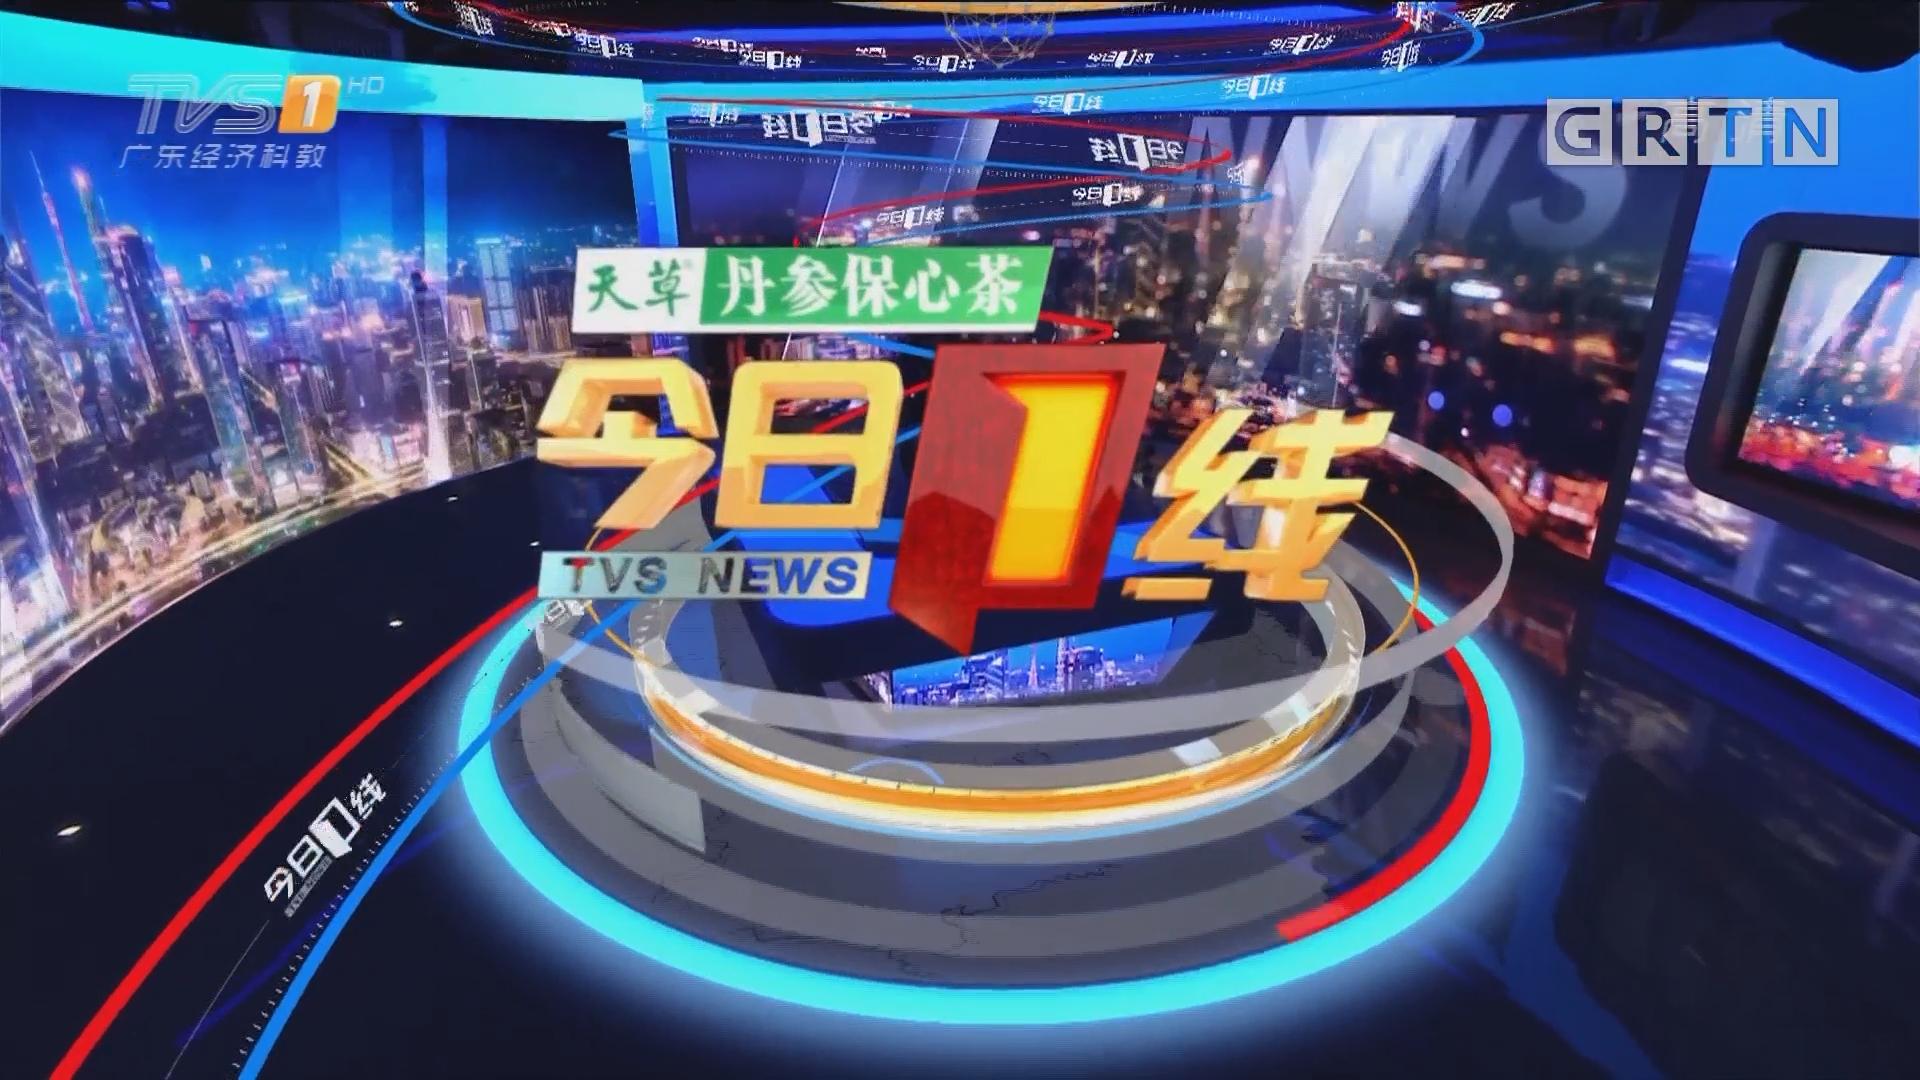 [HD][2018-10-08]今日一線:曝光不文明行為:男子夜襲肇慶古城墻 網上炫耀